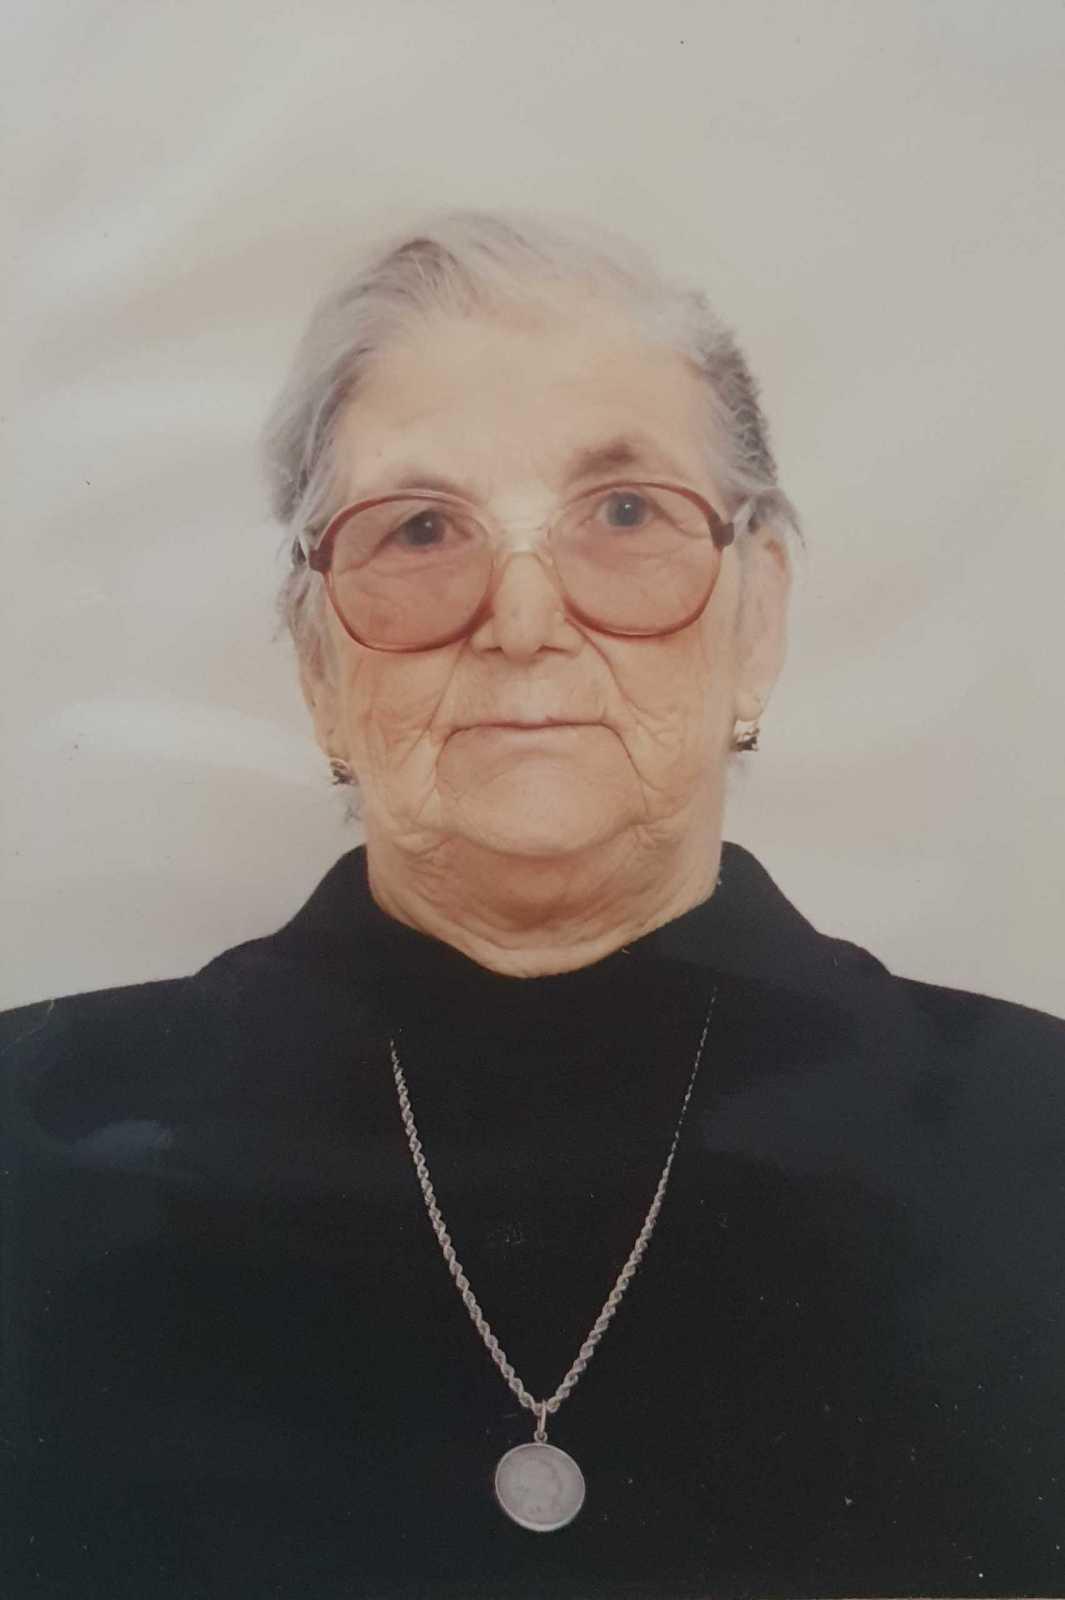 <br>Teresa da Conceição Viegas